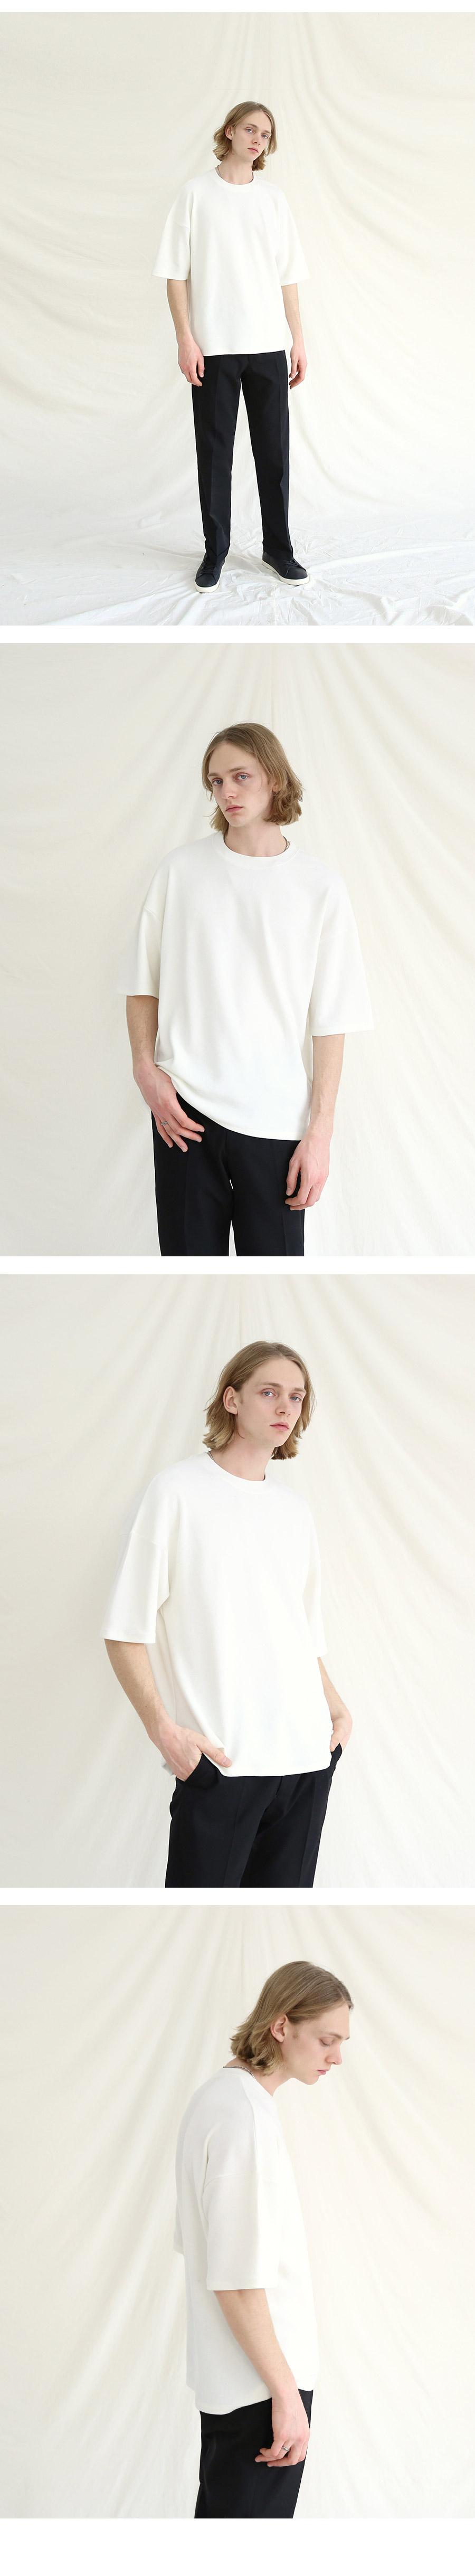 텐블레이드 (1+1) 드롭숄더 클래식 반팔티셔츠